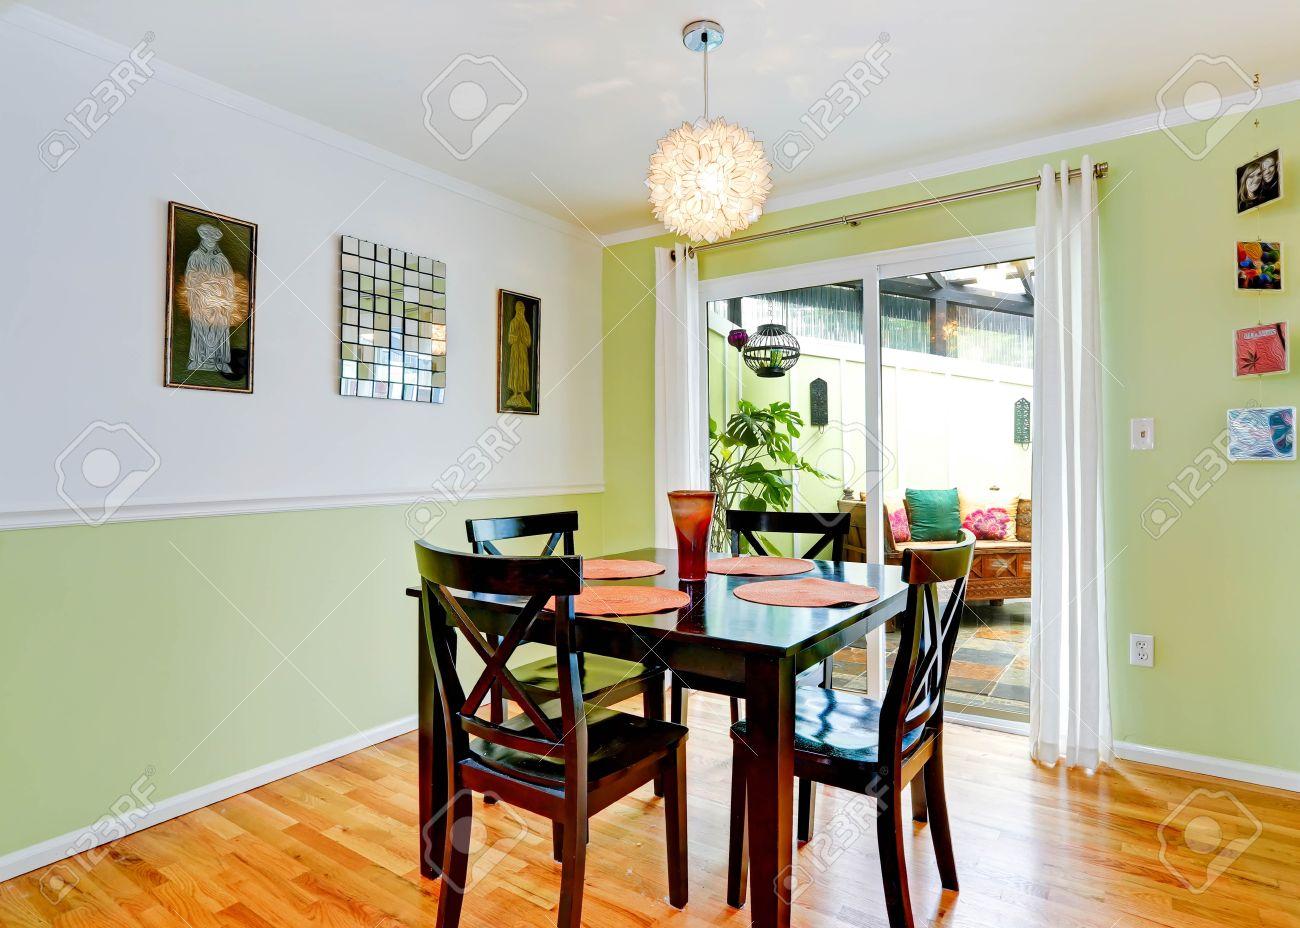 Acogedor comedor con blanco y menta paredes de color marrón oscuro con el  conjunto mesa de comedor. La habitación tiene salida al patio trasero